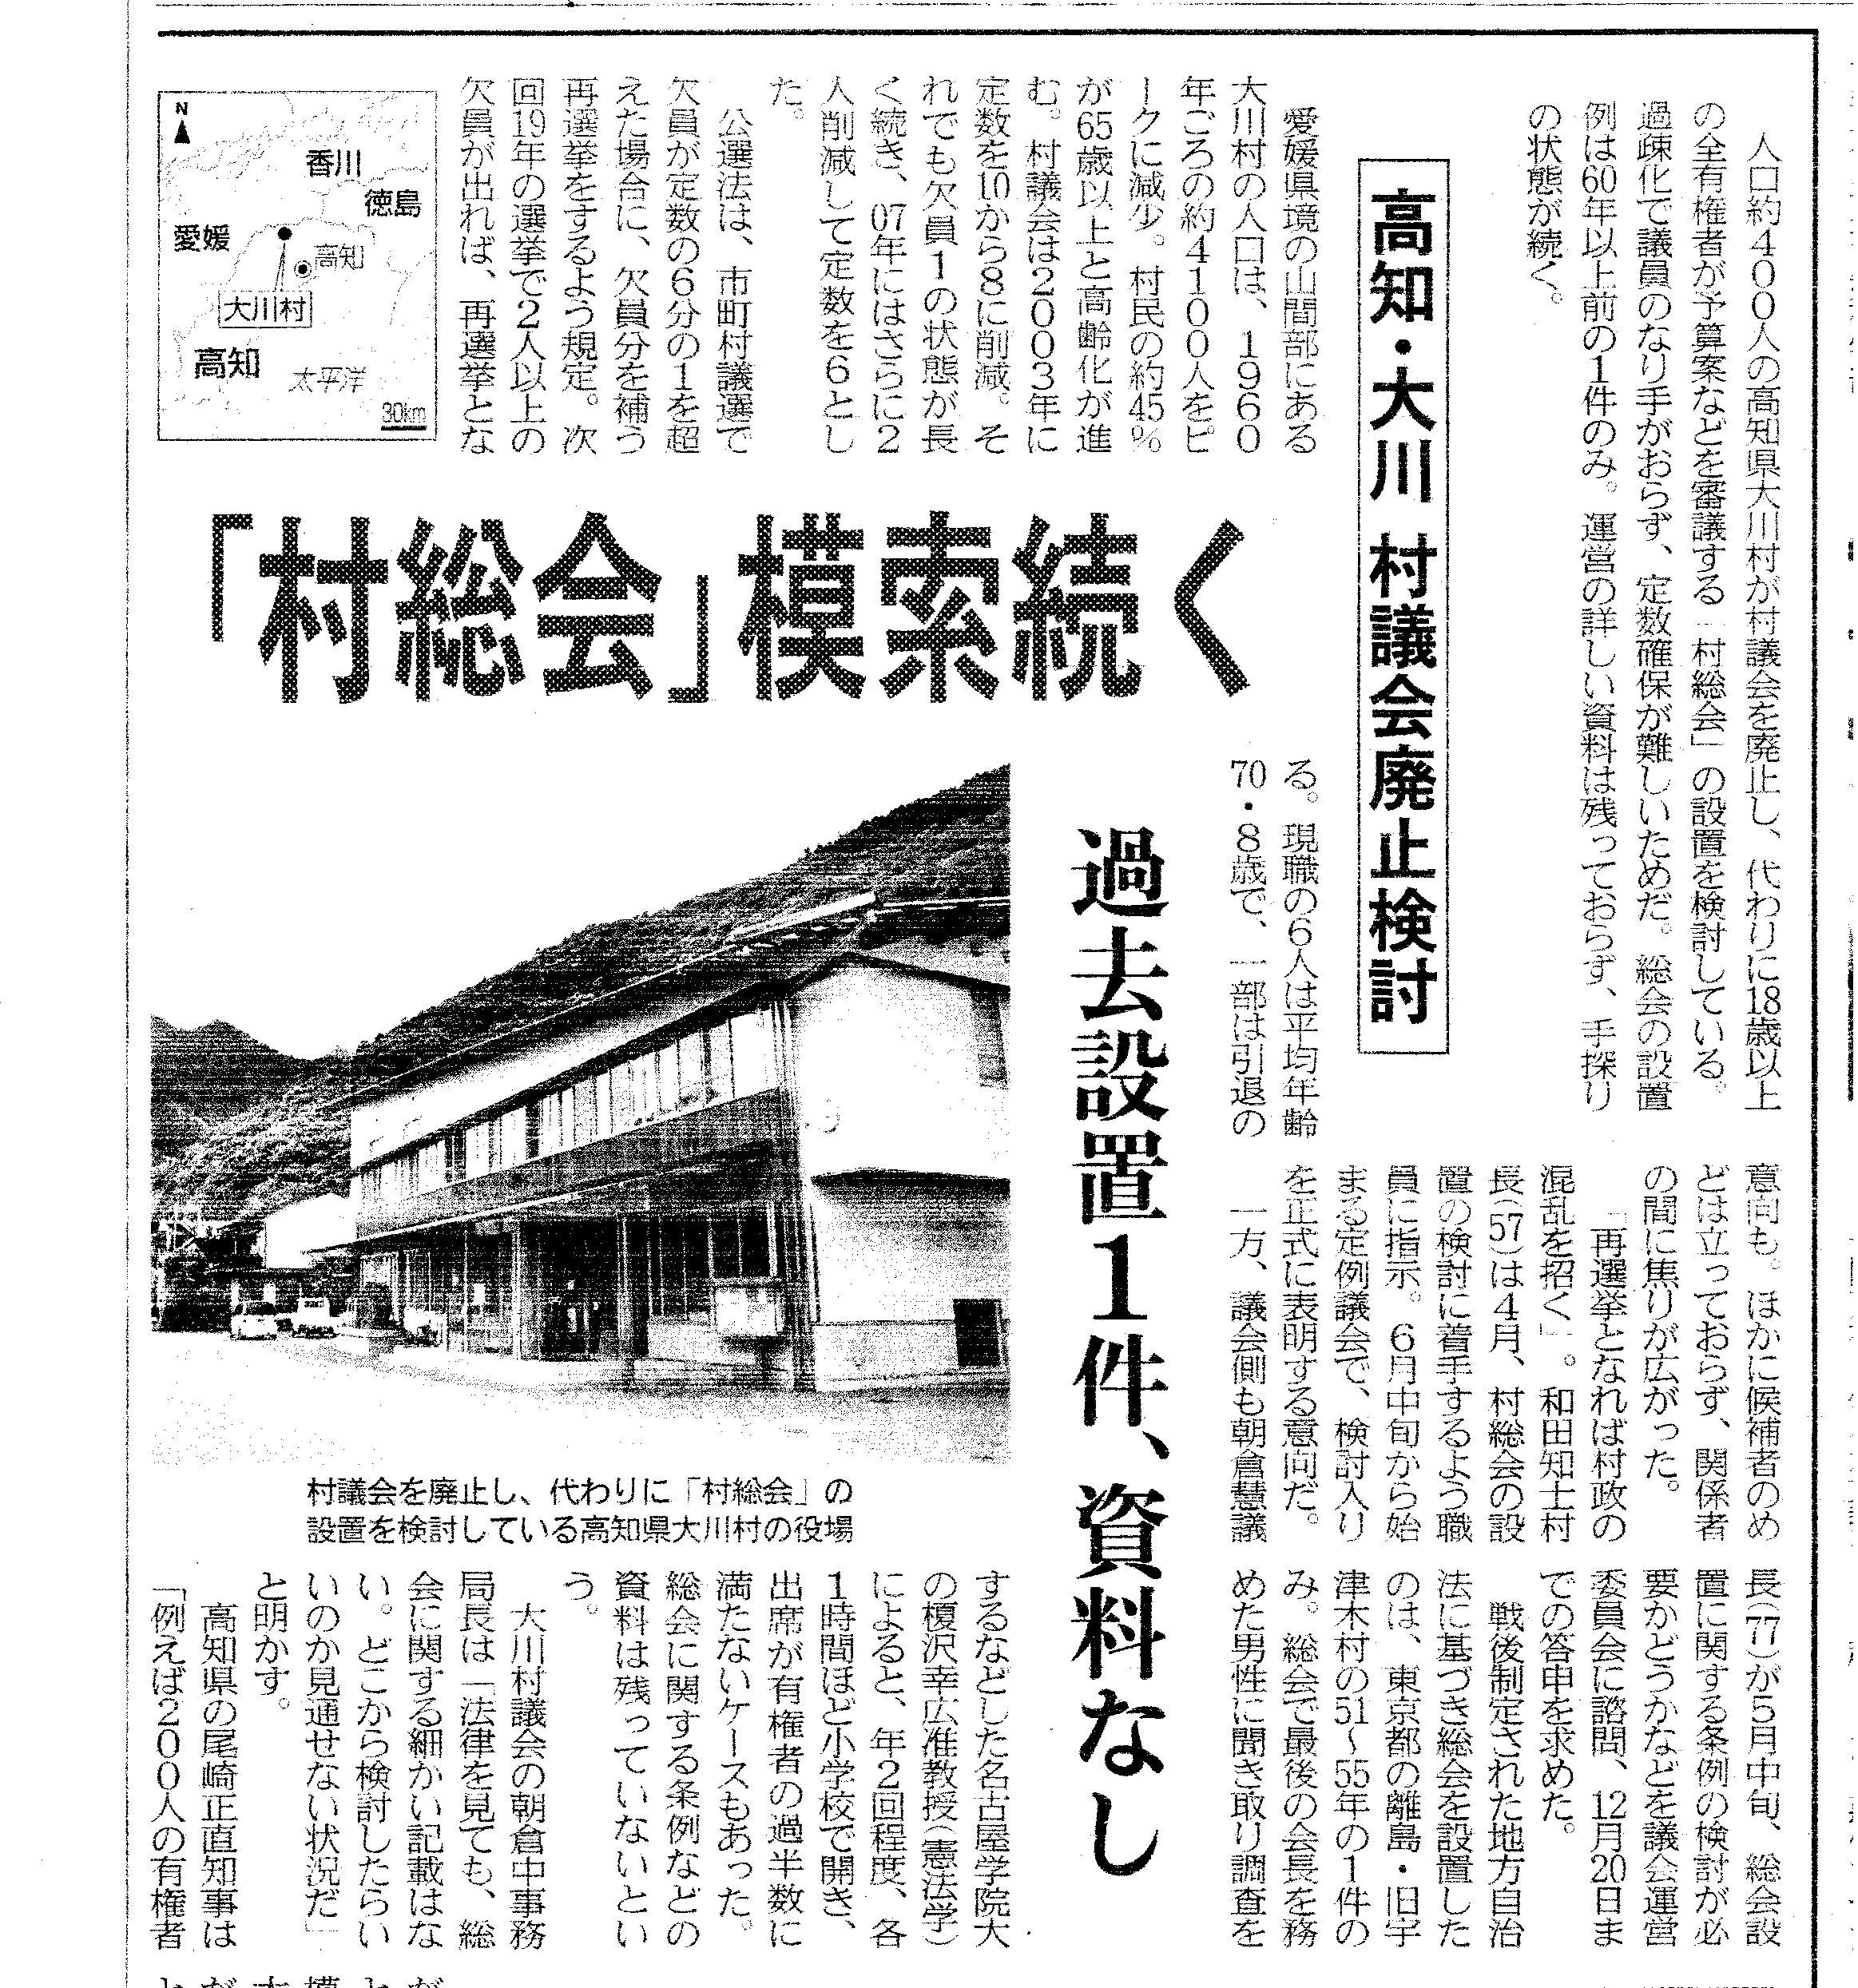 今話題の高知県の大川村町村総会議論について考える。 | 自由な情報の ...